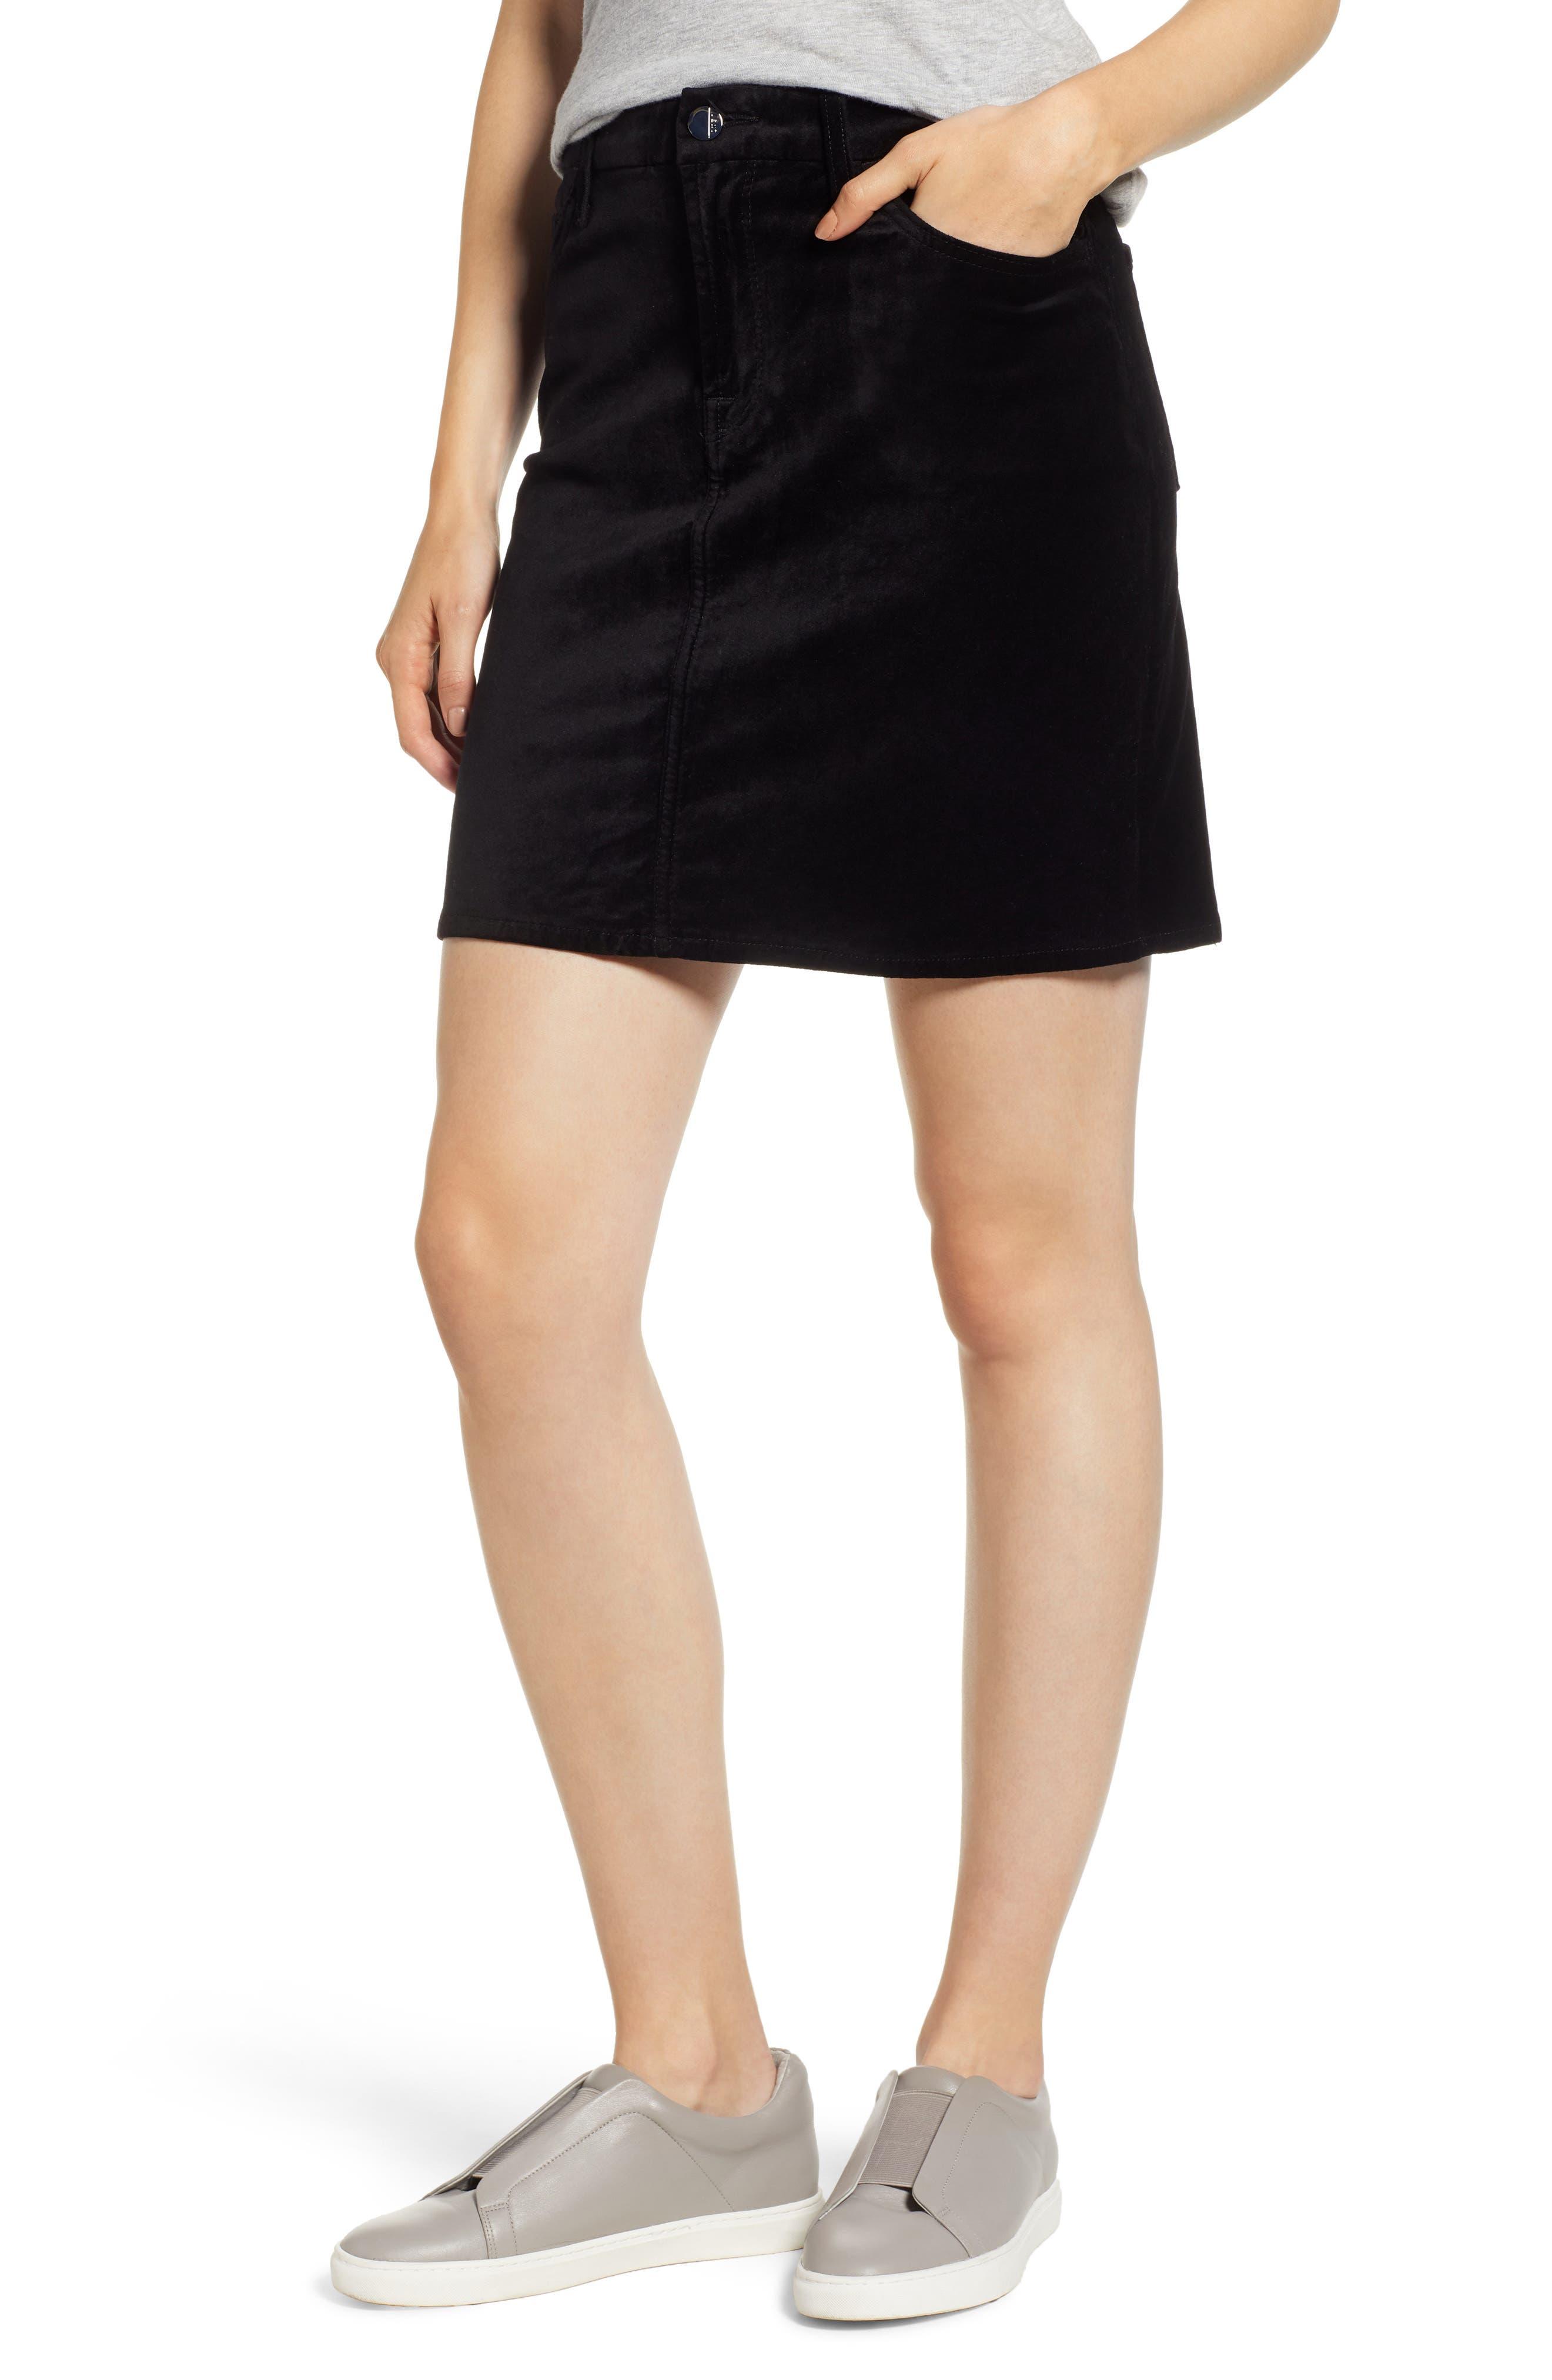 JEN7 BY 7 FOR ALL MANKIND Stretch Velvet Straight Mini Skirt in Black